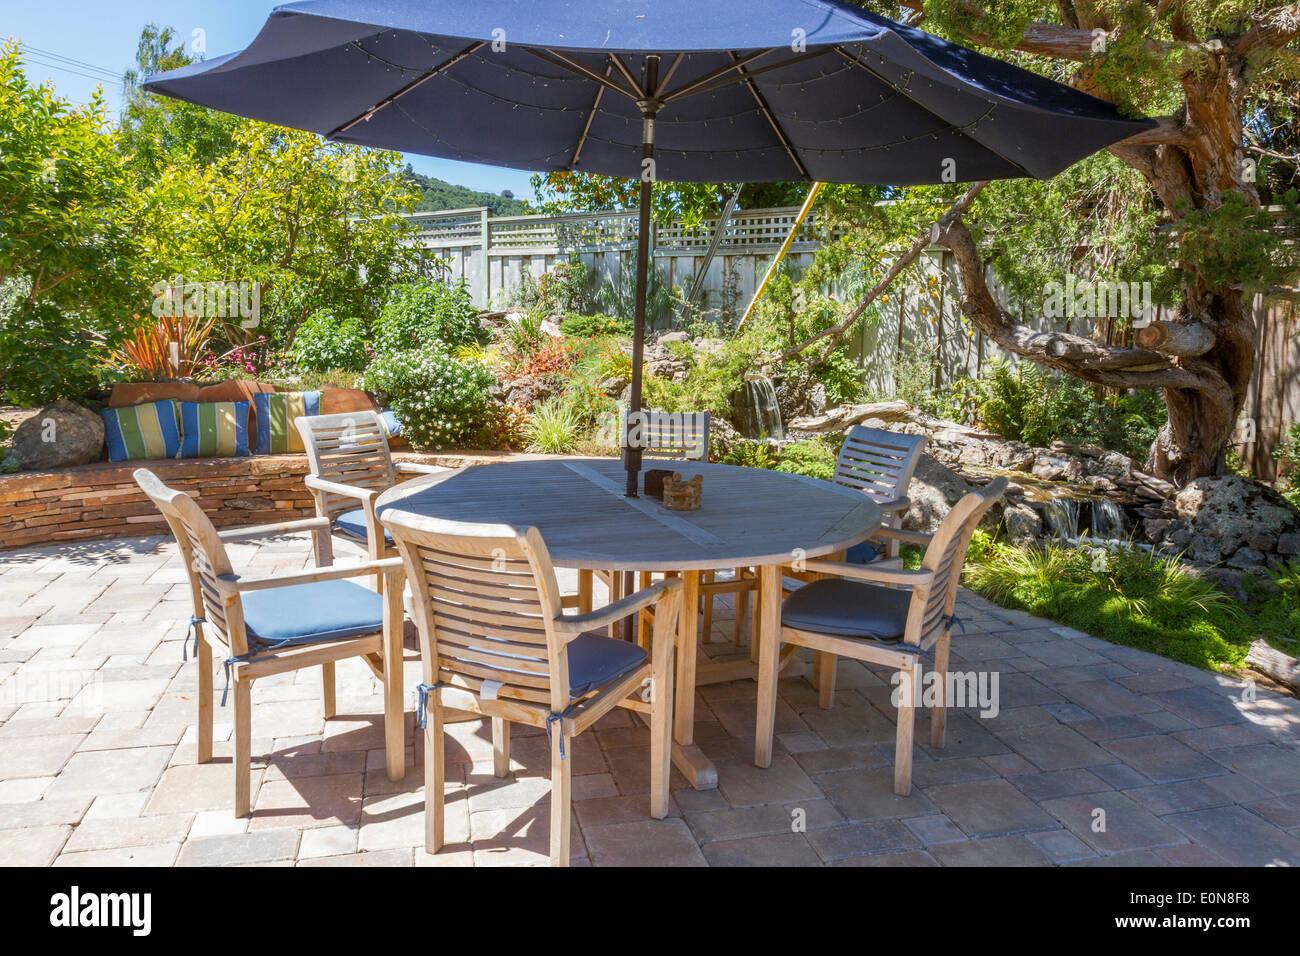 schoner garten terrasse, schöner garten landschaftsbau mit strom-wasser-funktion hinter, Design ideen